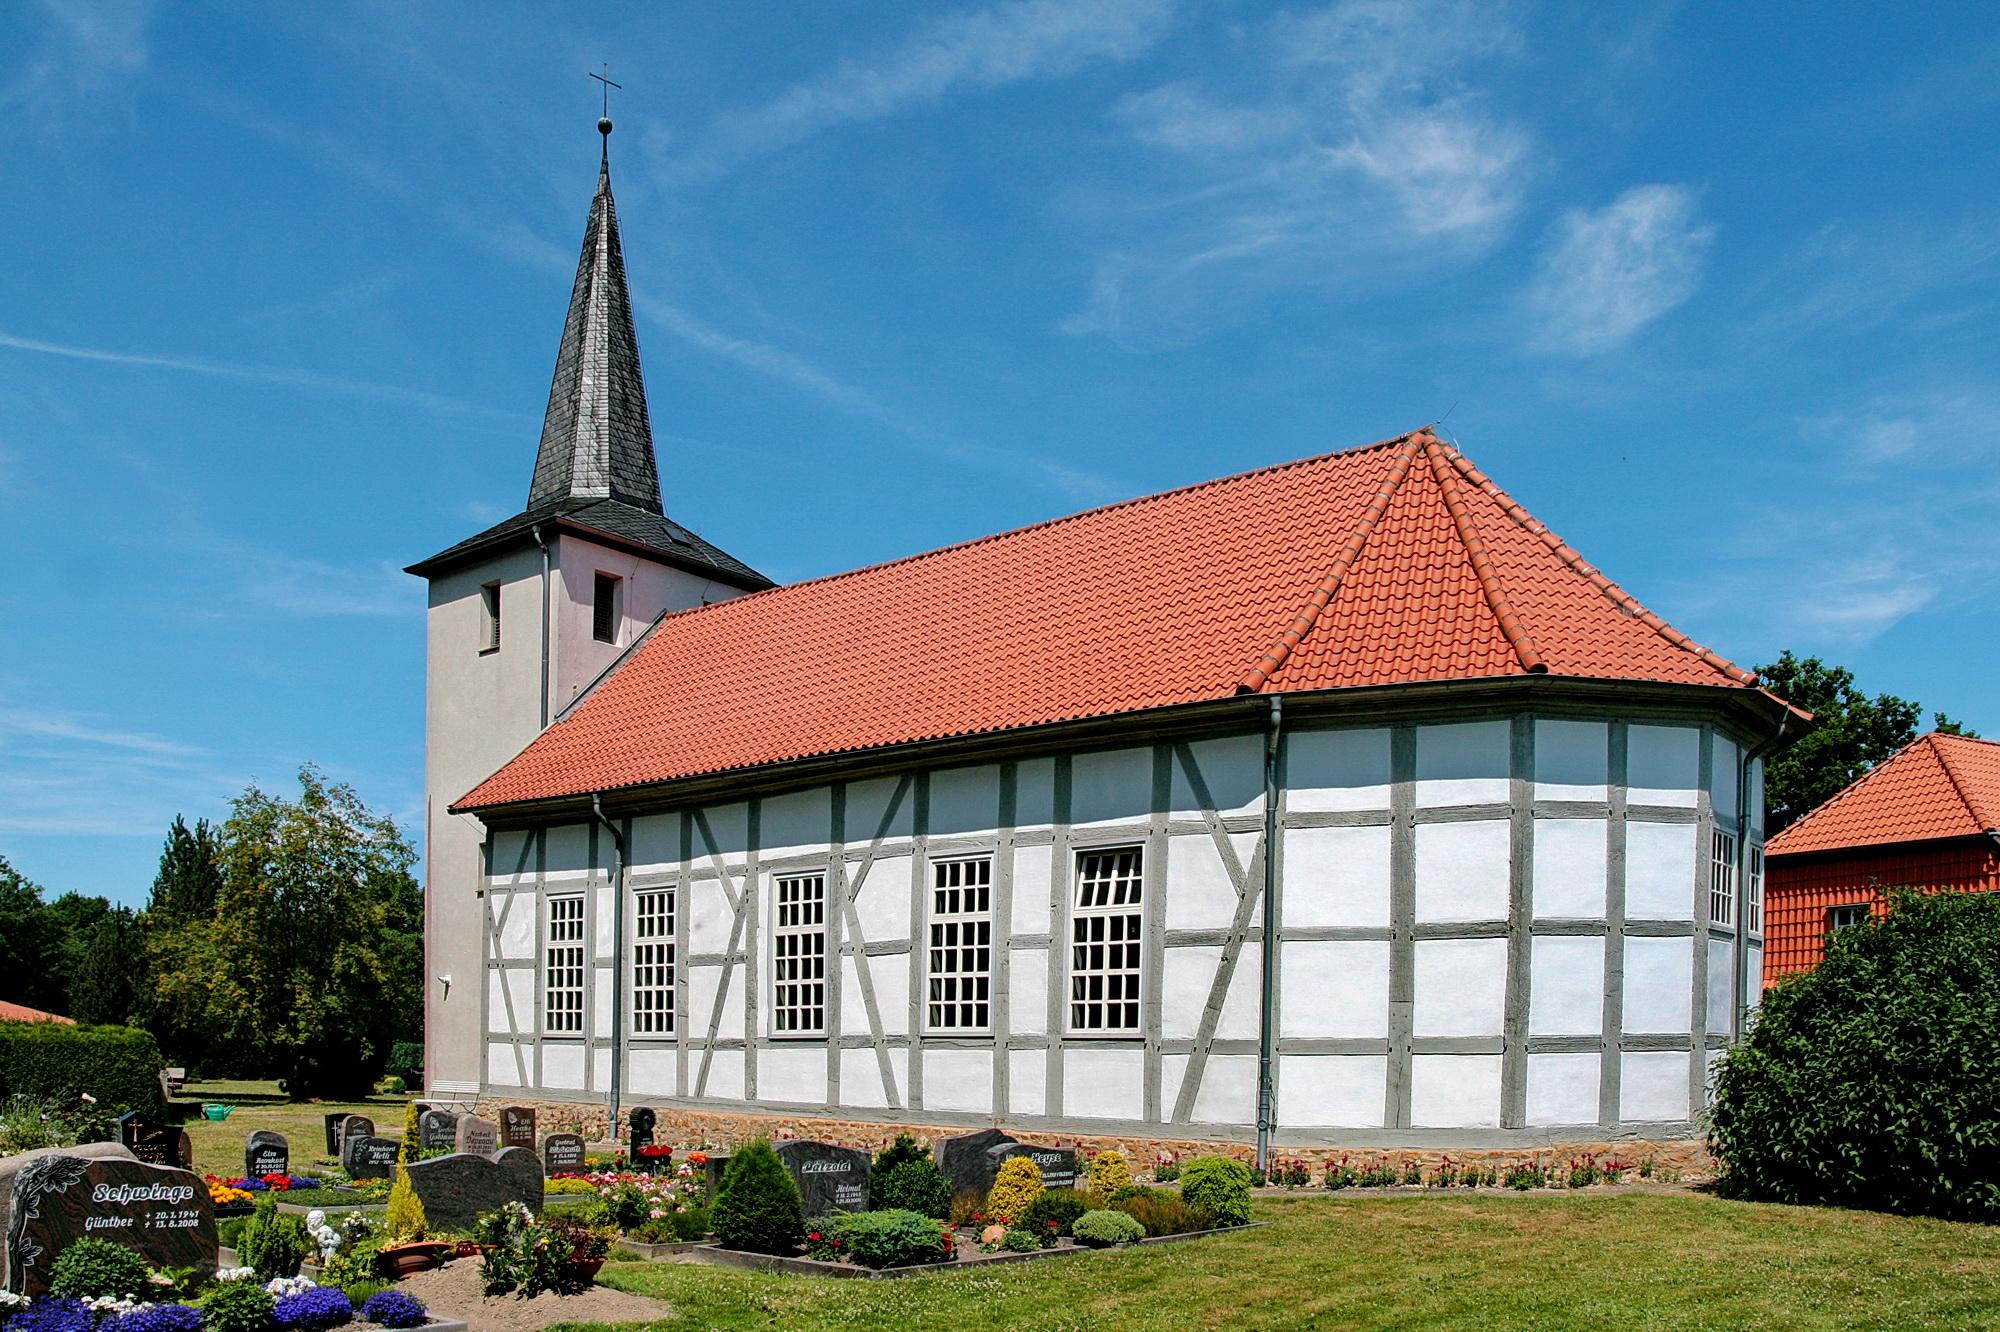 Datei:Fachwerkkirche in Dedenhausen (Uetze) IMG 0015.JPG – Wikipedia